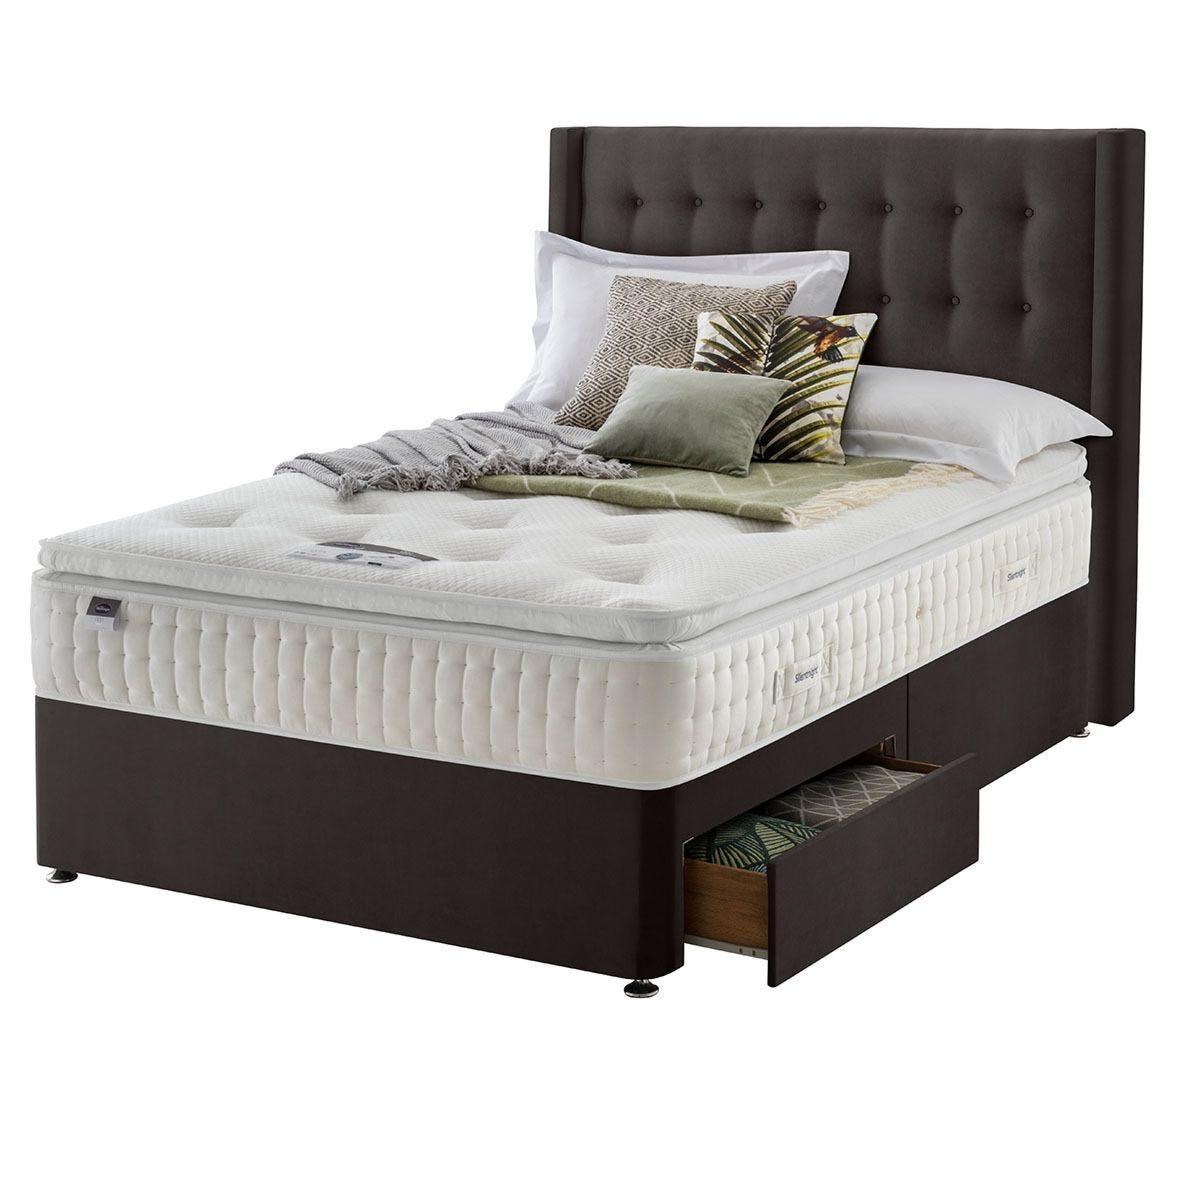 Silentnight Mirapocket Latex 1400 2-Drawer Divan Bed - Velvet Charcoal